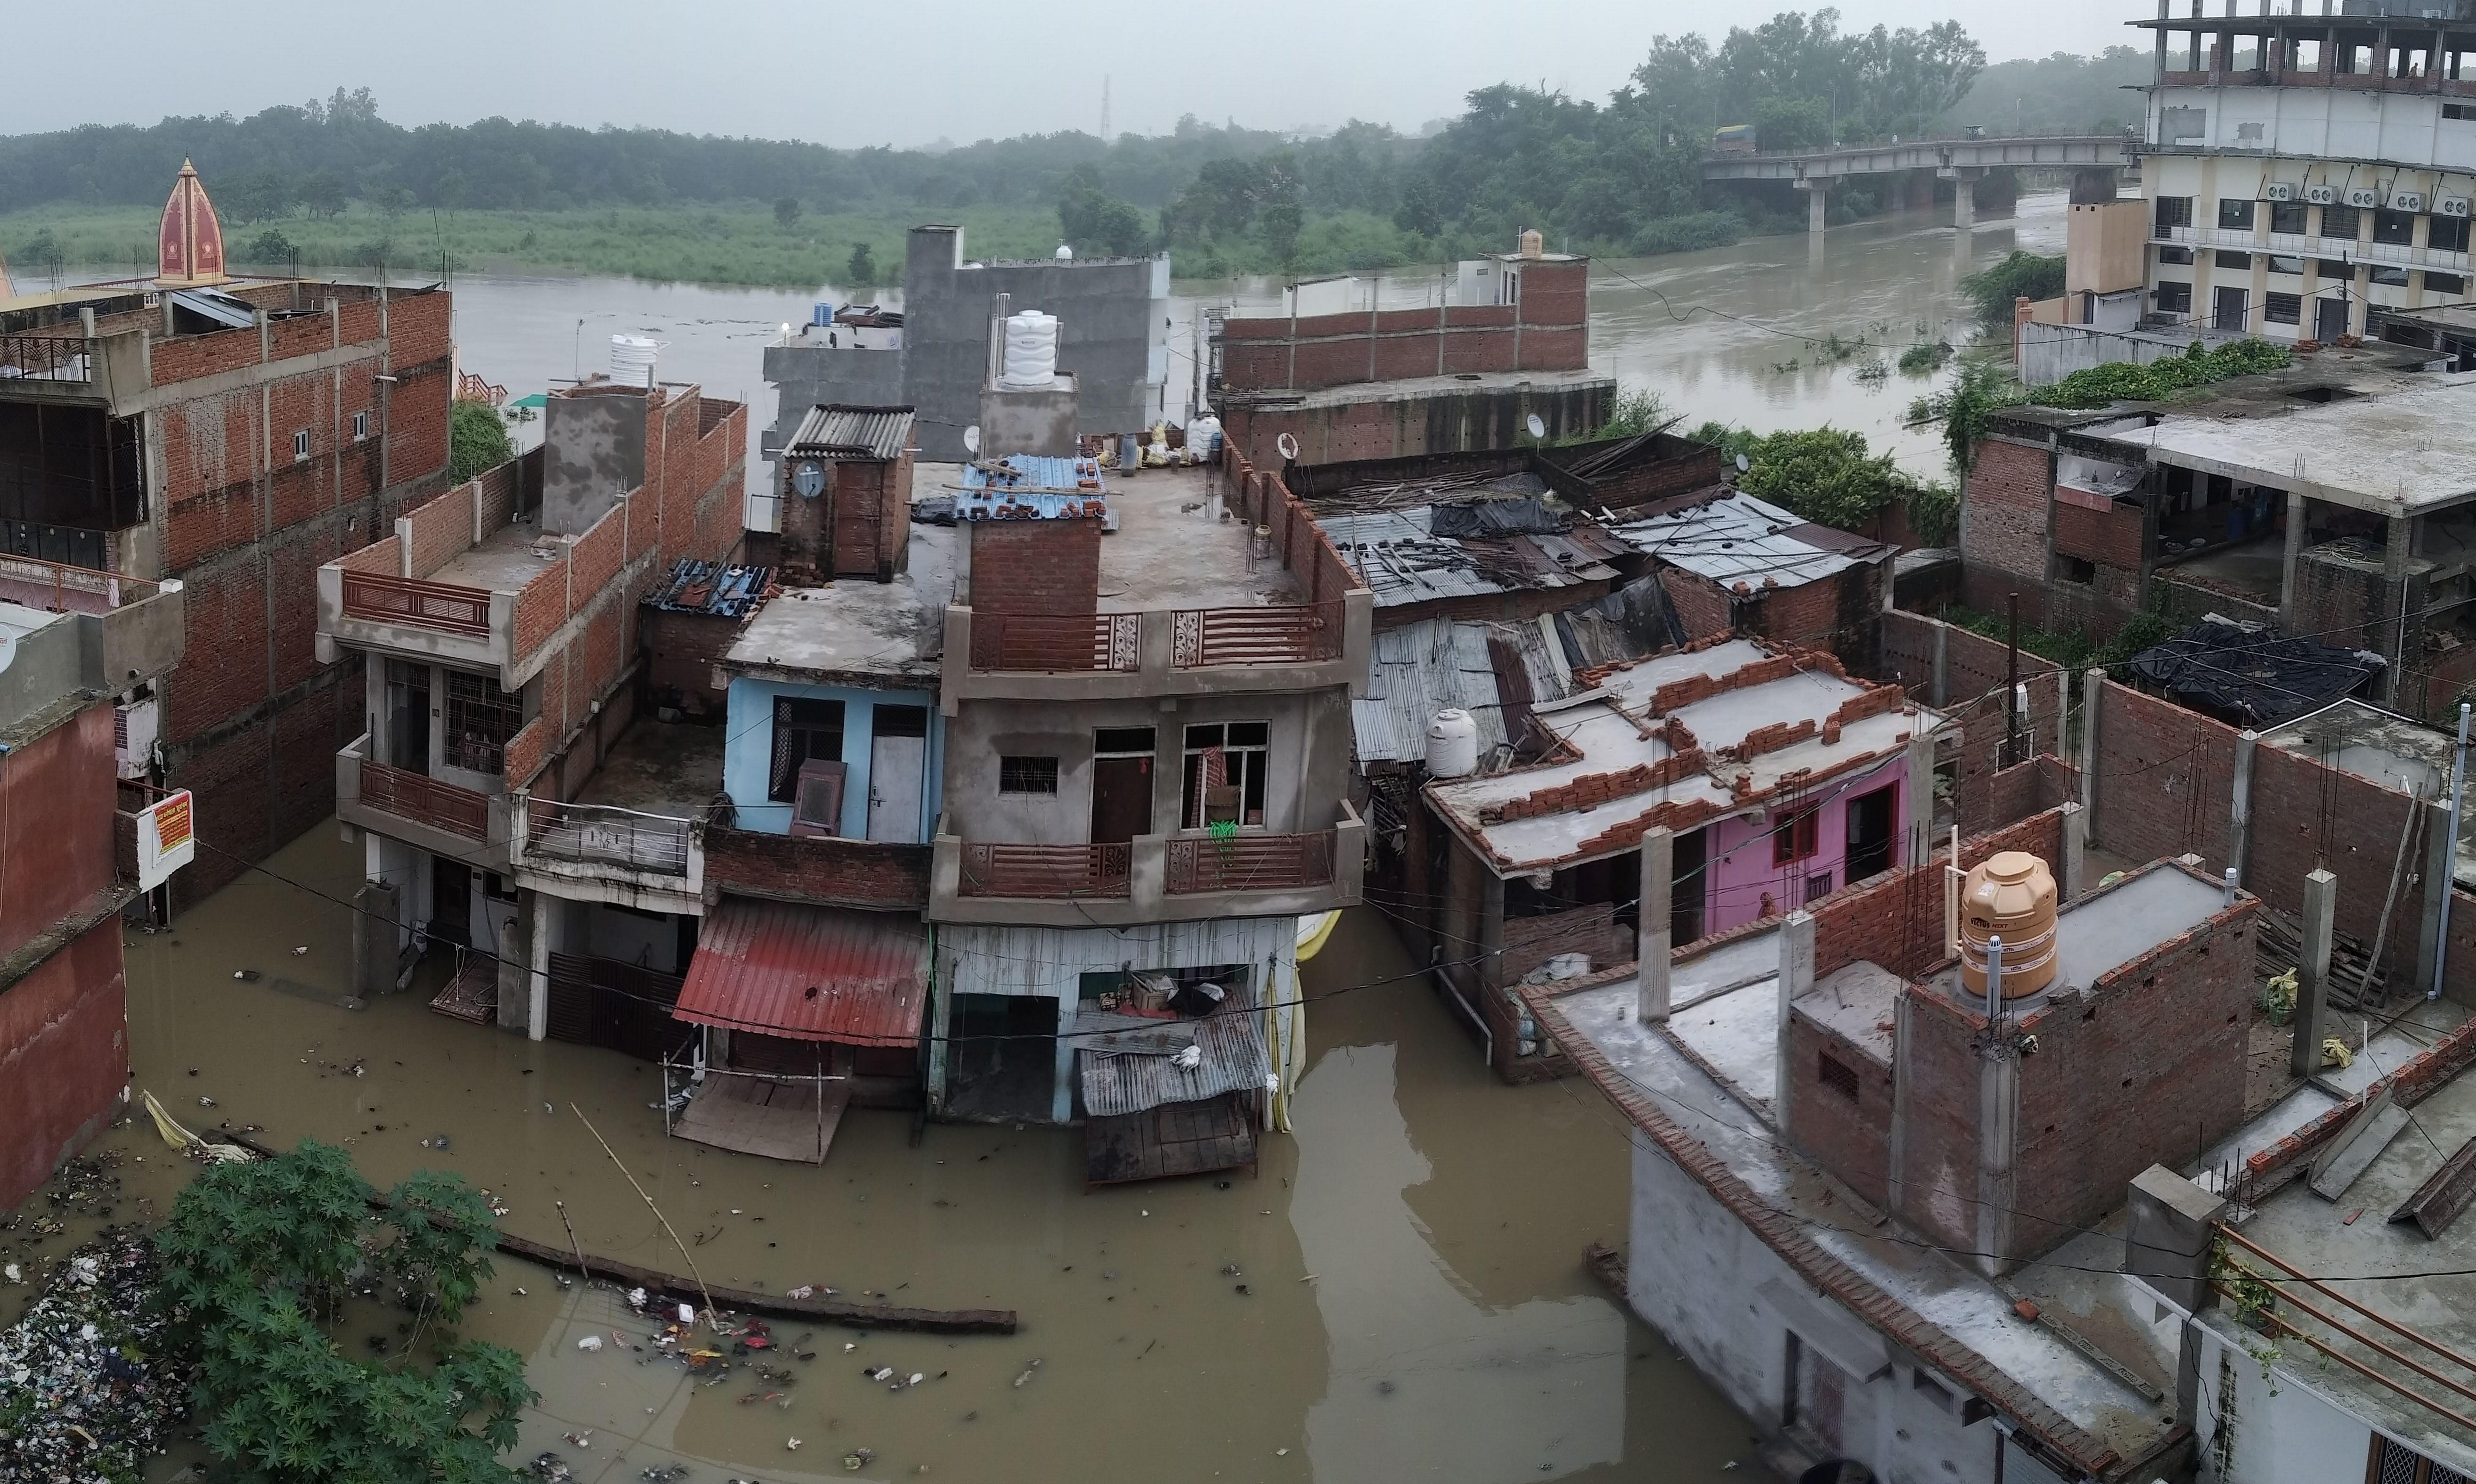 सदर बाजार बेल्हा देवी धाम के बगल स्थित मोहल्ले में सई नदी के बाढ का भरा पानी। संवाद